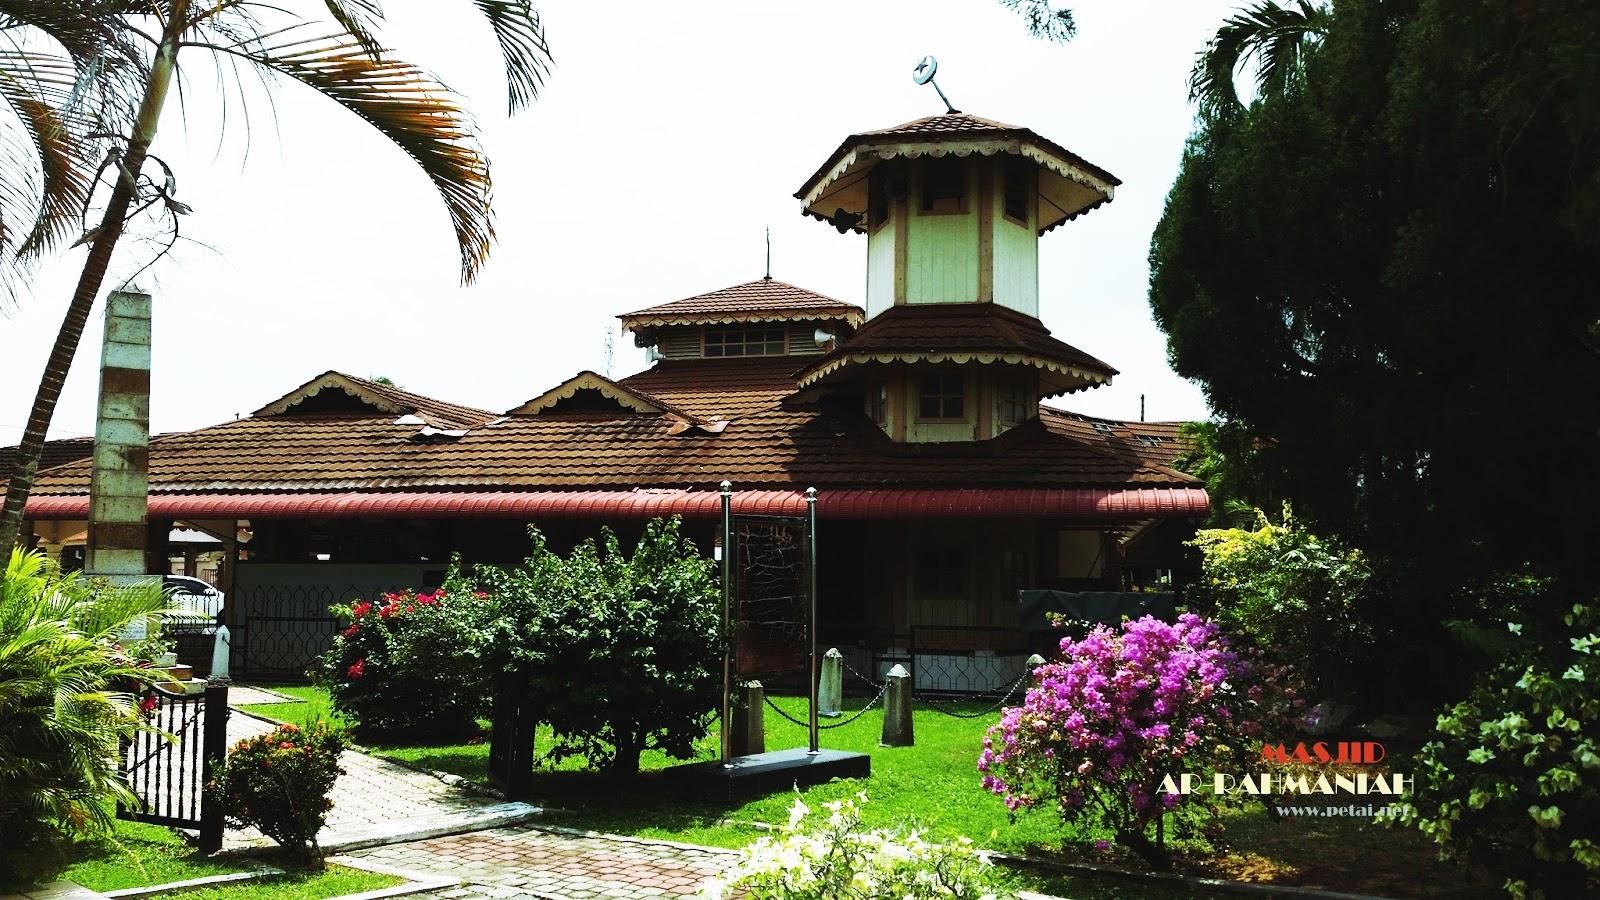 Masjid Ar-Rahmaniah, Pasir Salak